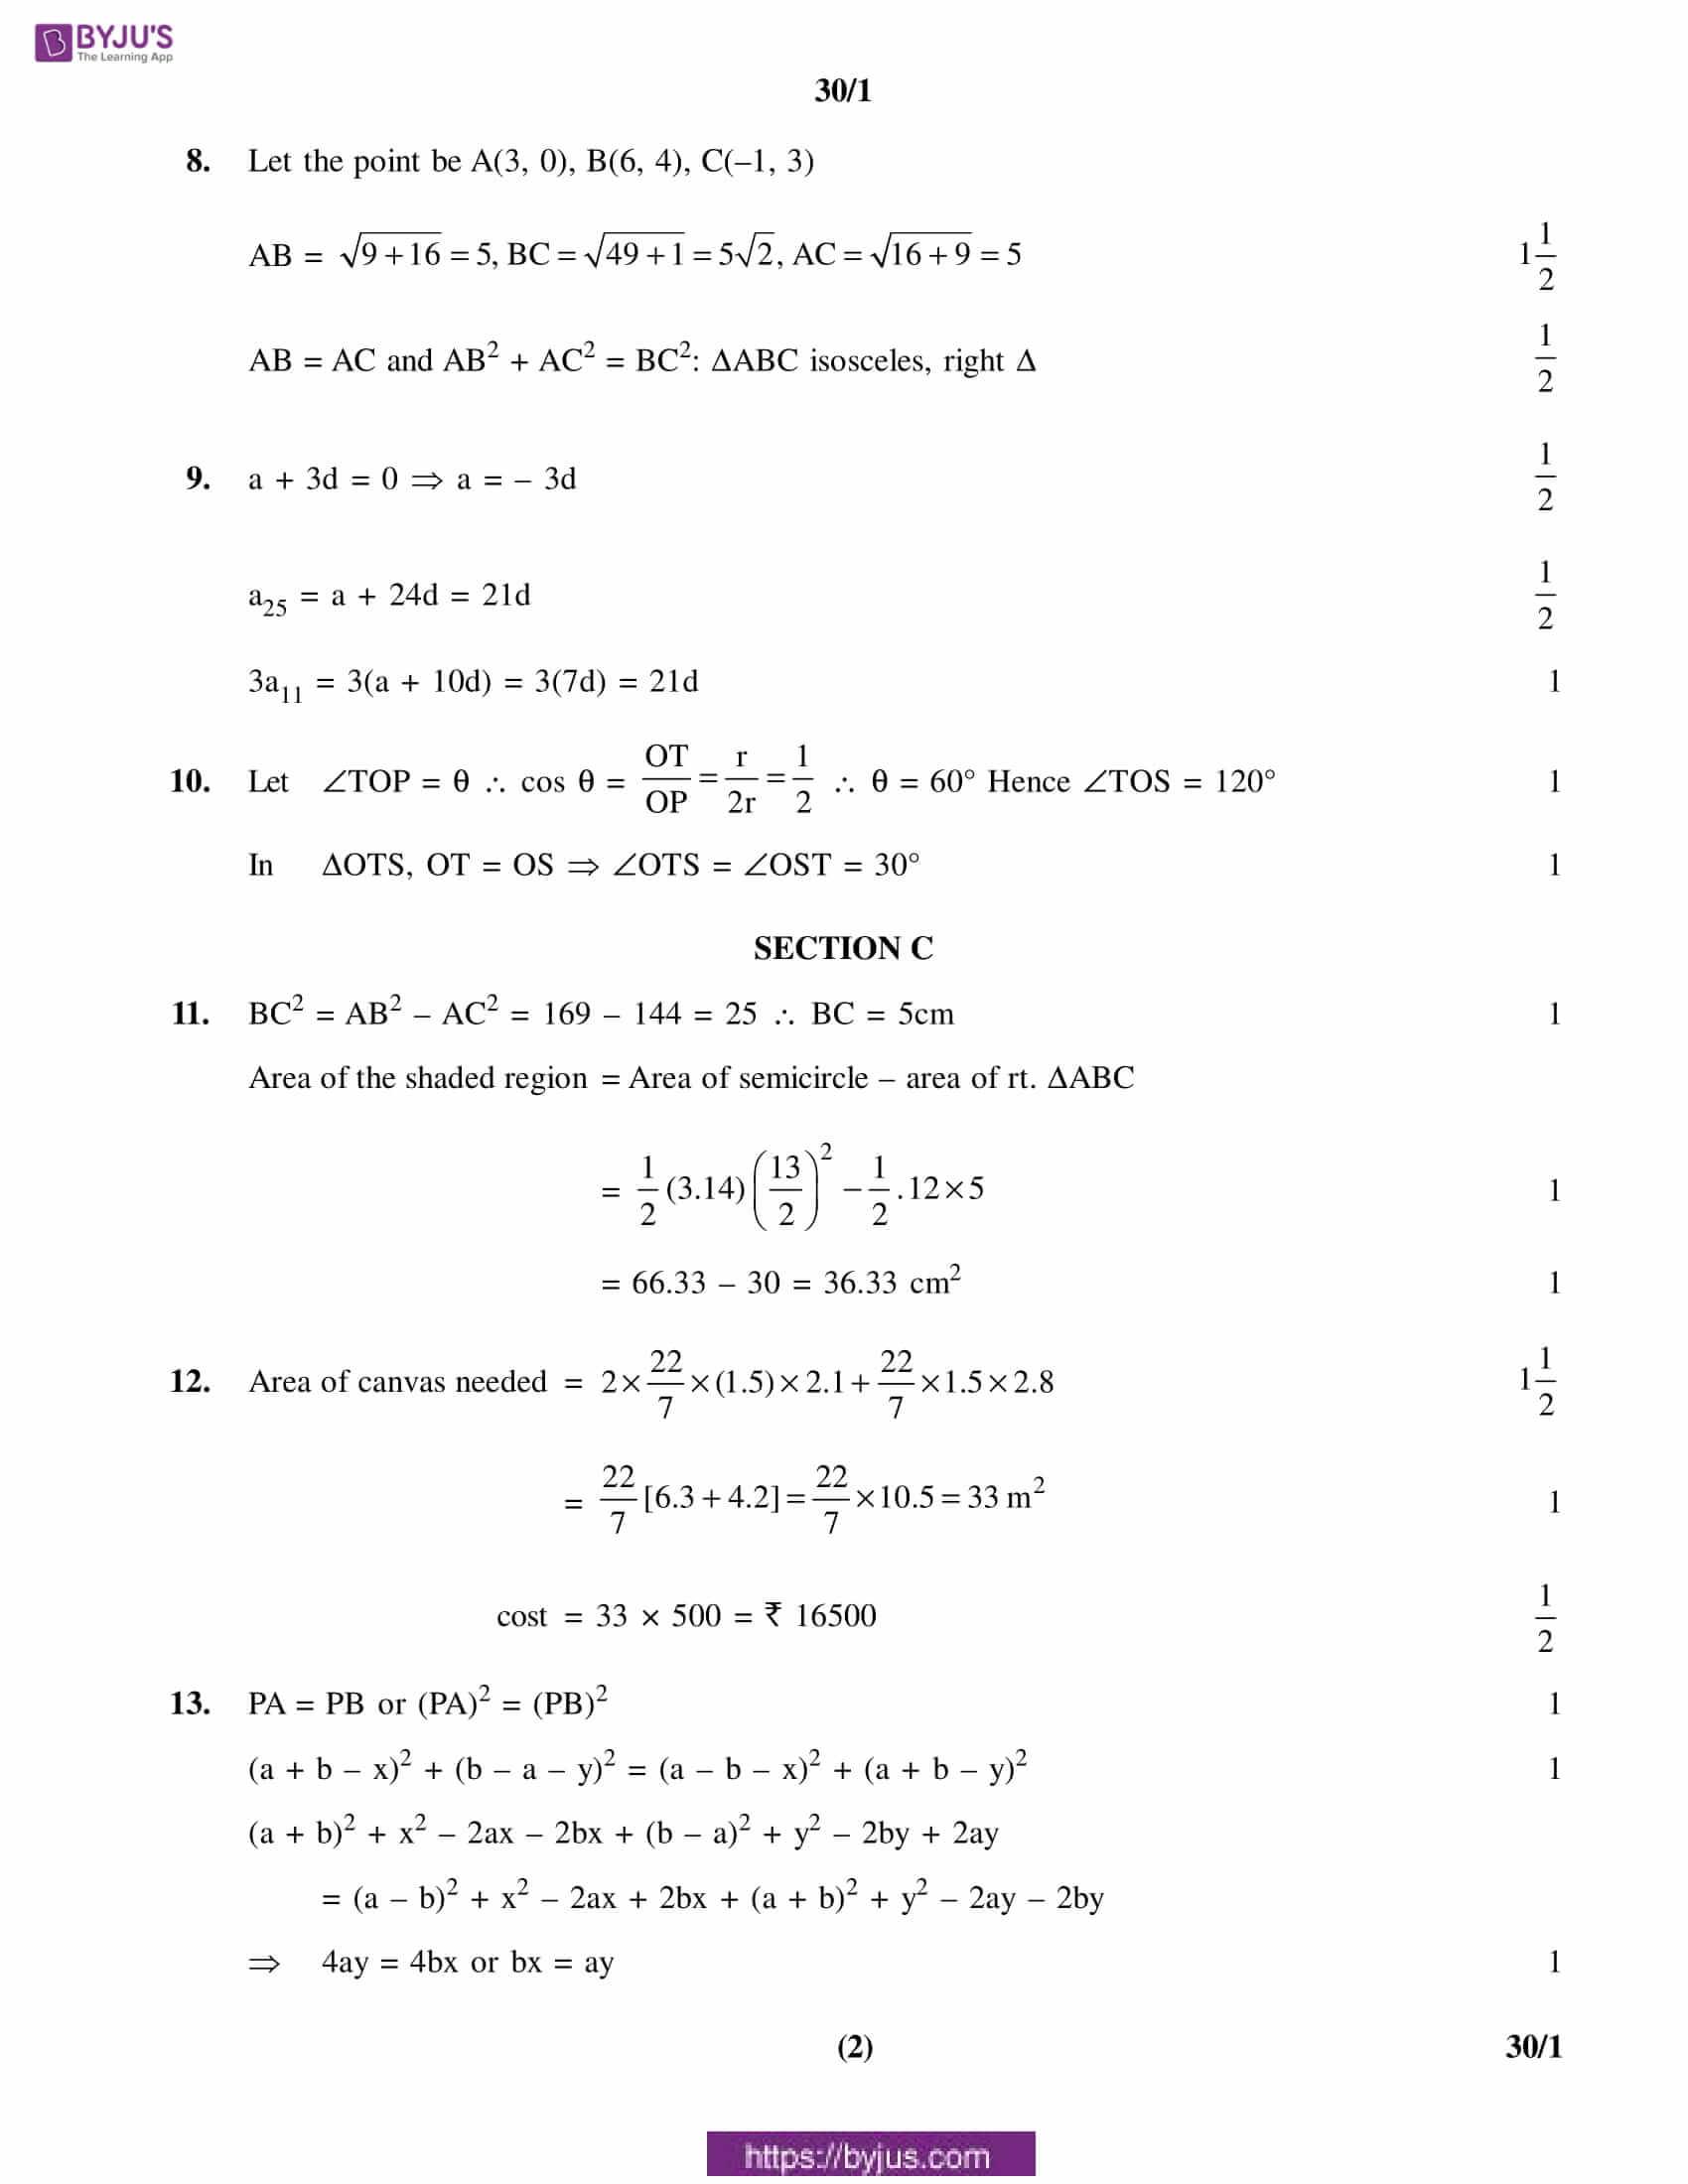 CBSE Class 10 Maths Solution PDF 2016 Set 1 2